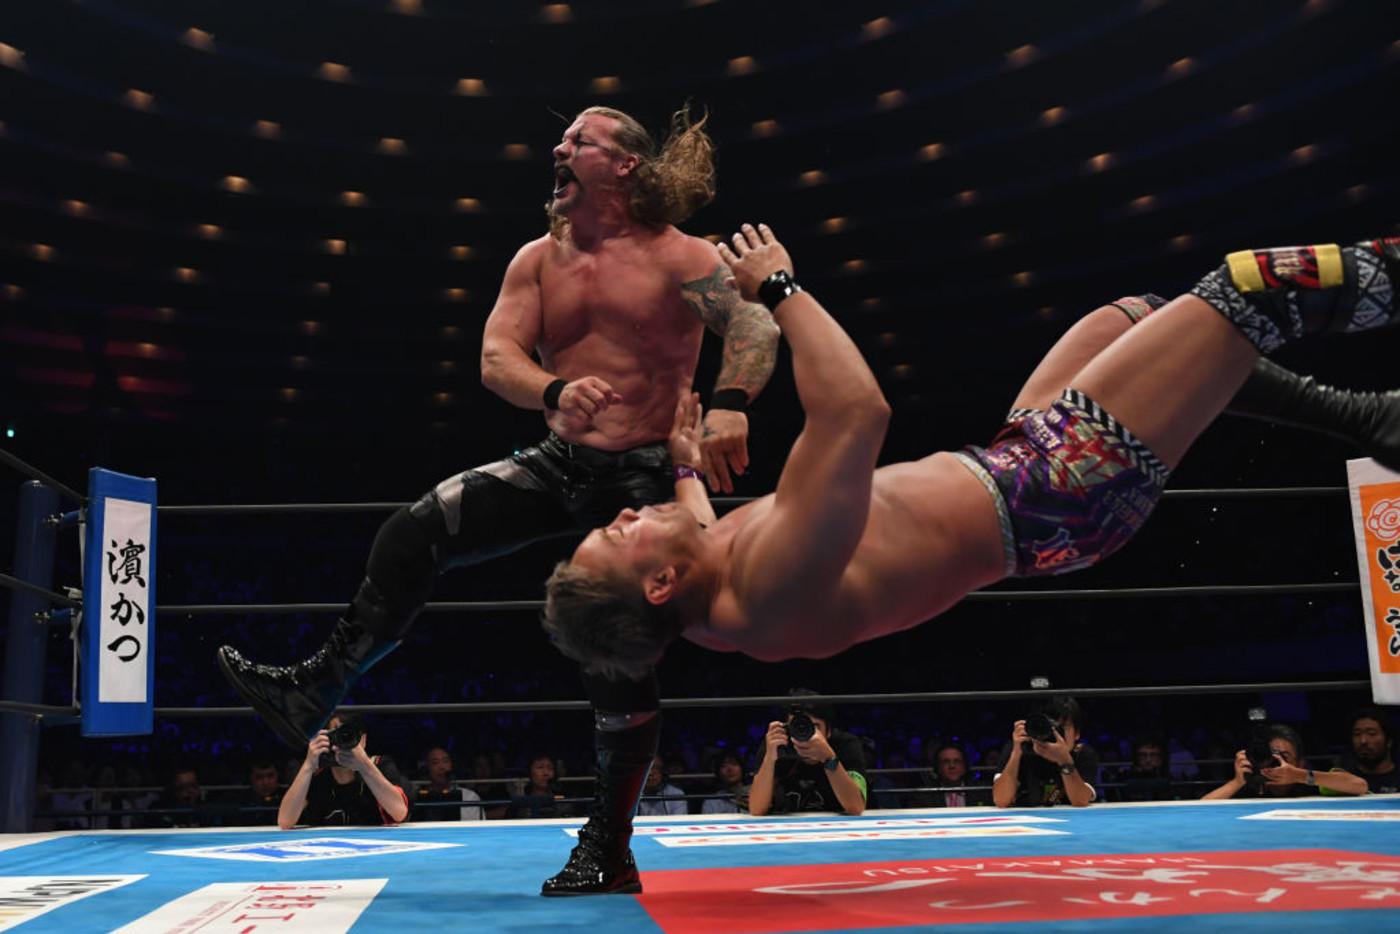 Chris Jericho Okada Osaka Japan 2019